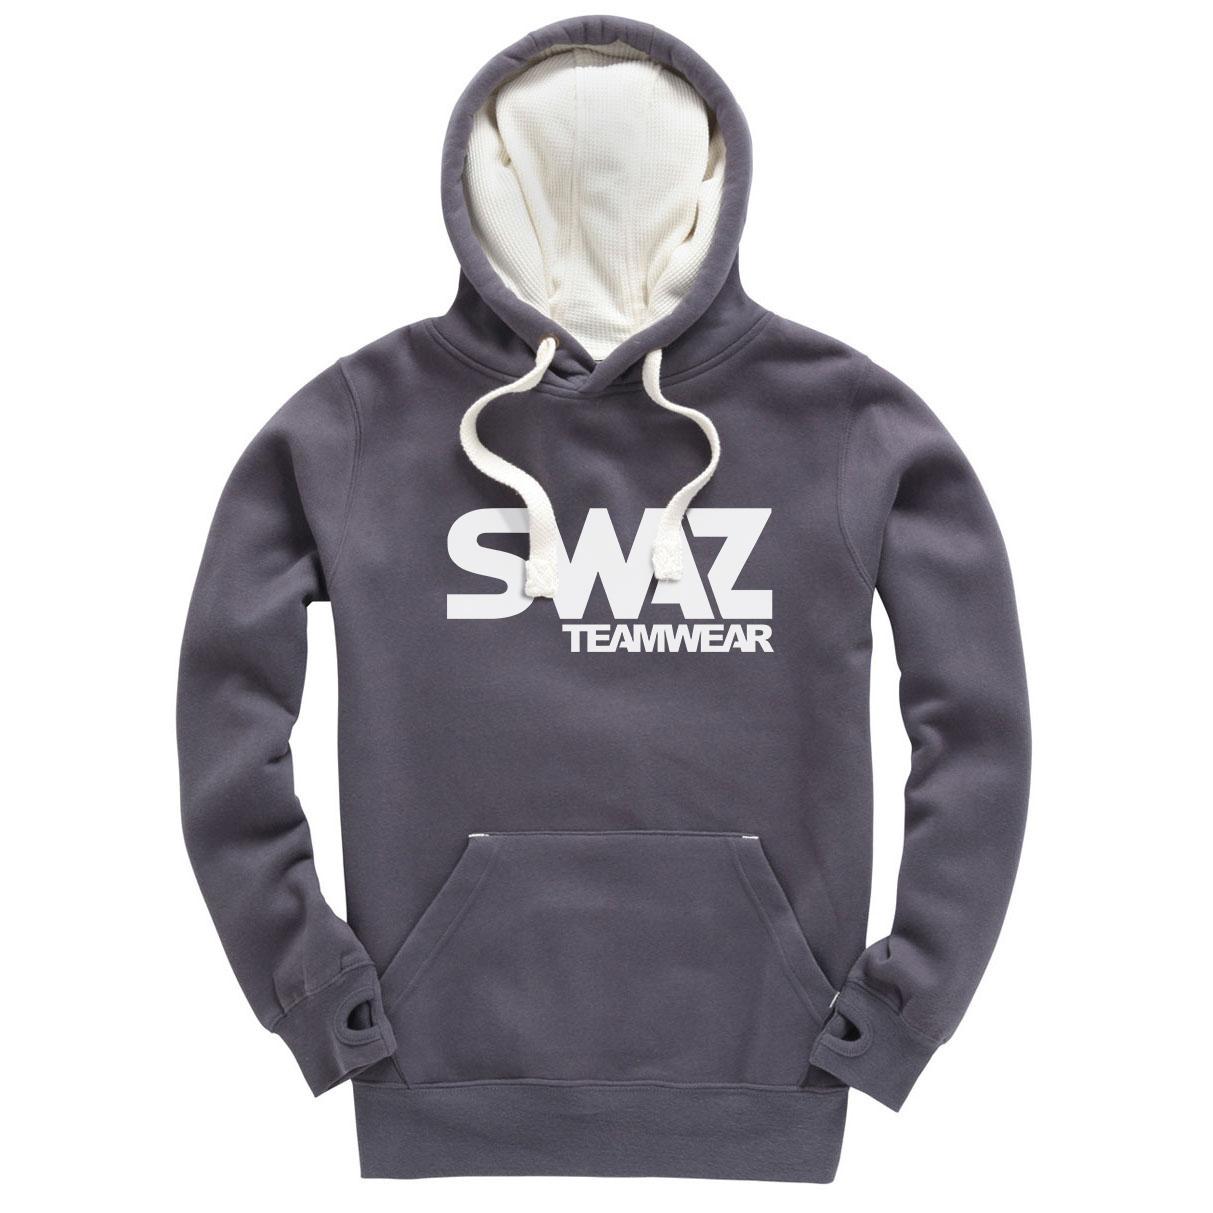 SWAZ Teamwear Classic Hoody – Denim